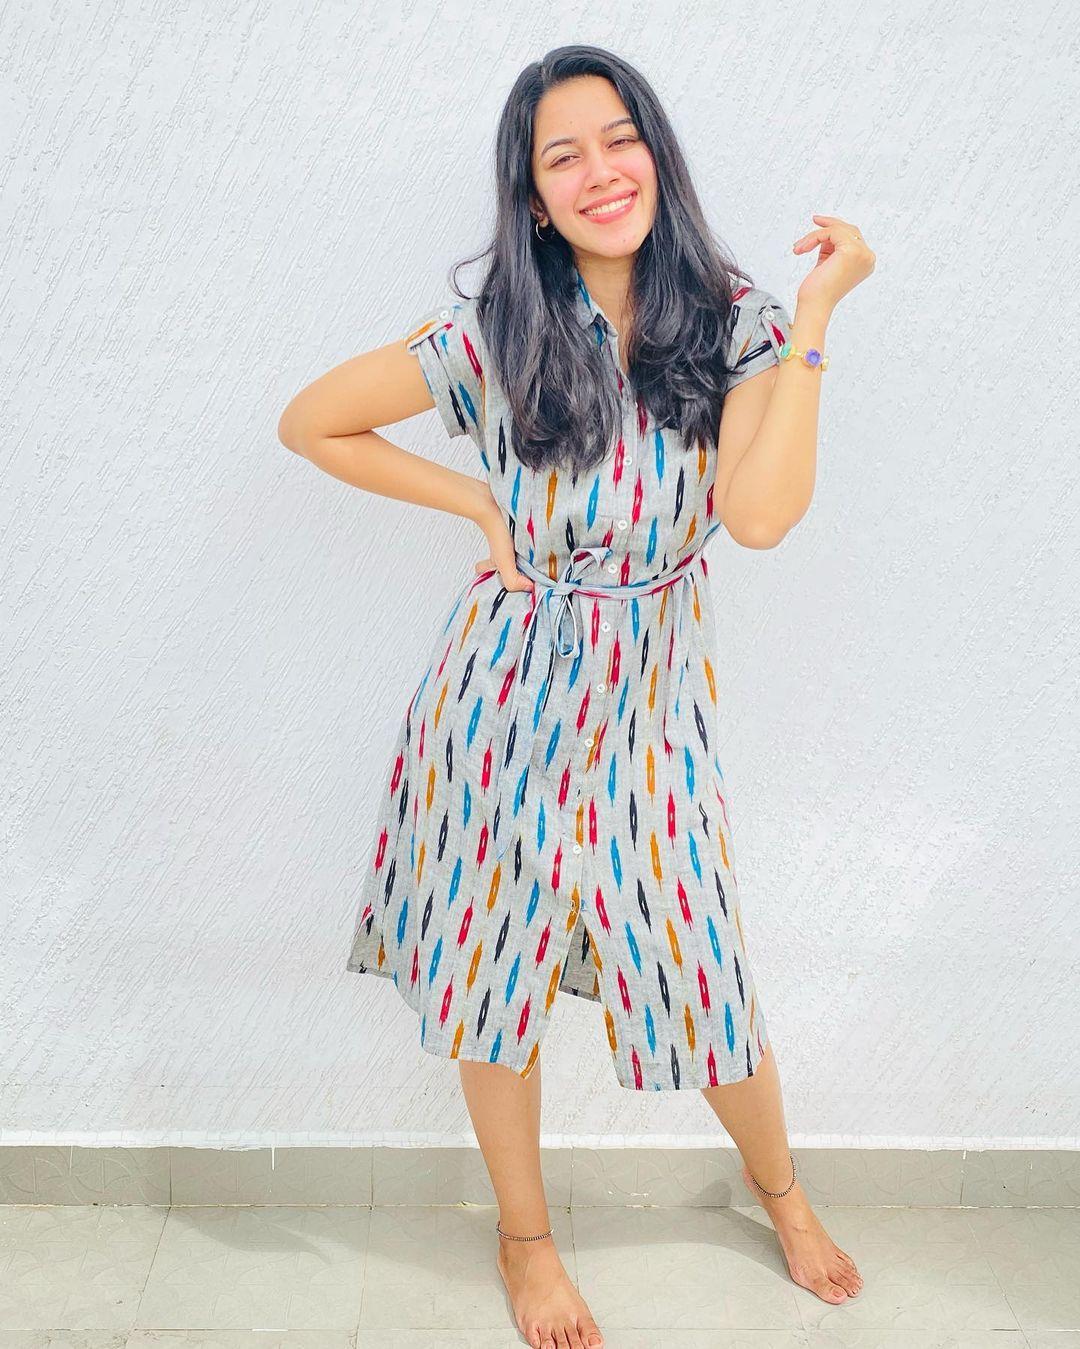 <br />நடிகை மிருணாளினி ரவி ( Image : Instagram @mirnaliniravi )